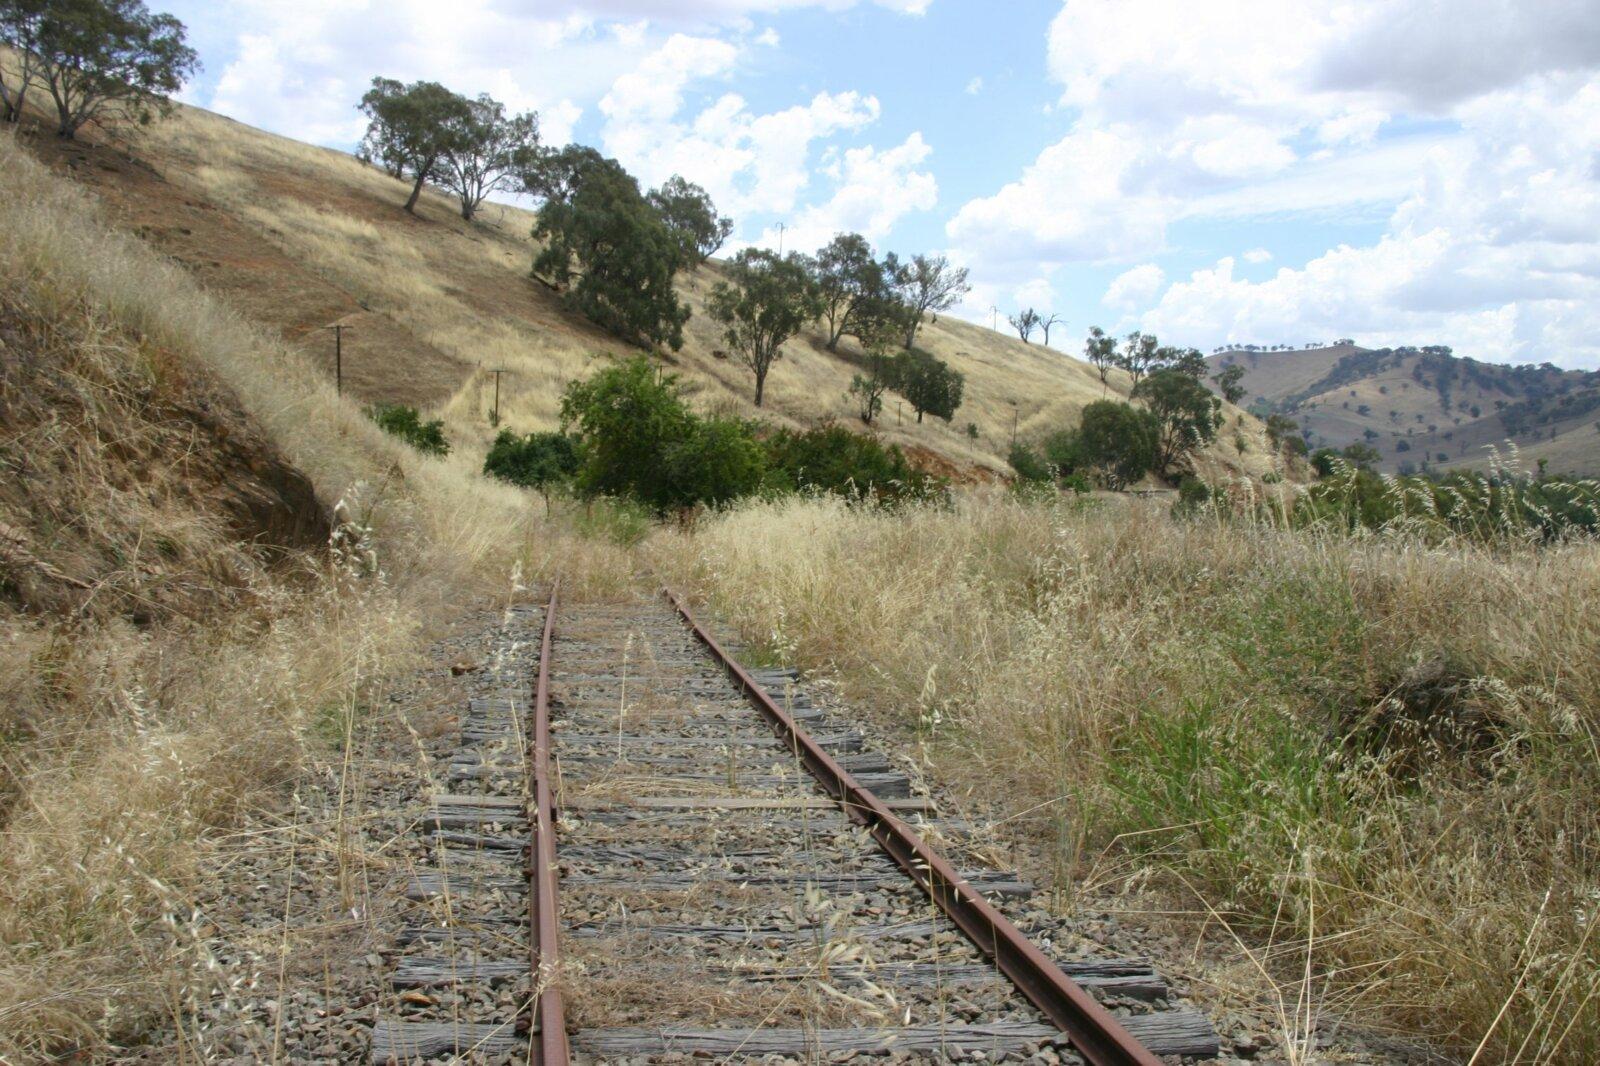 Rail corridor near Gundagai, looking towards Tumblong